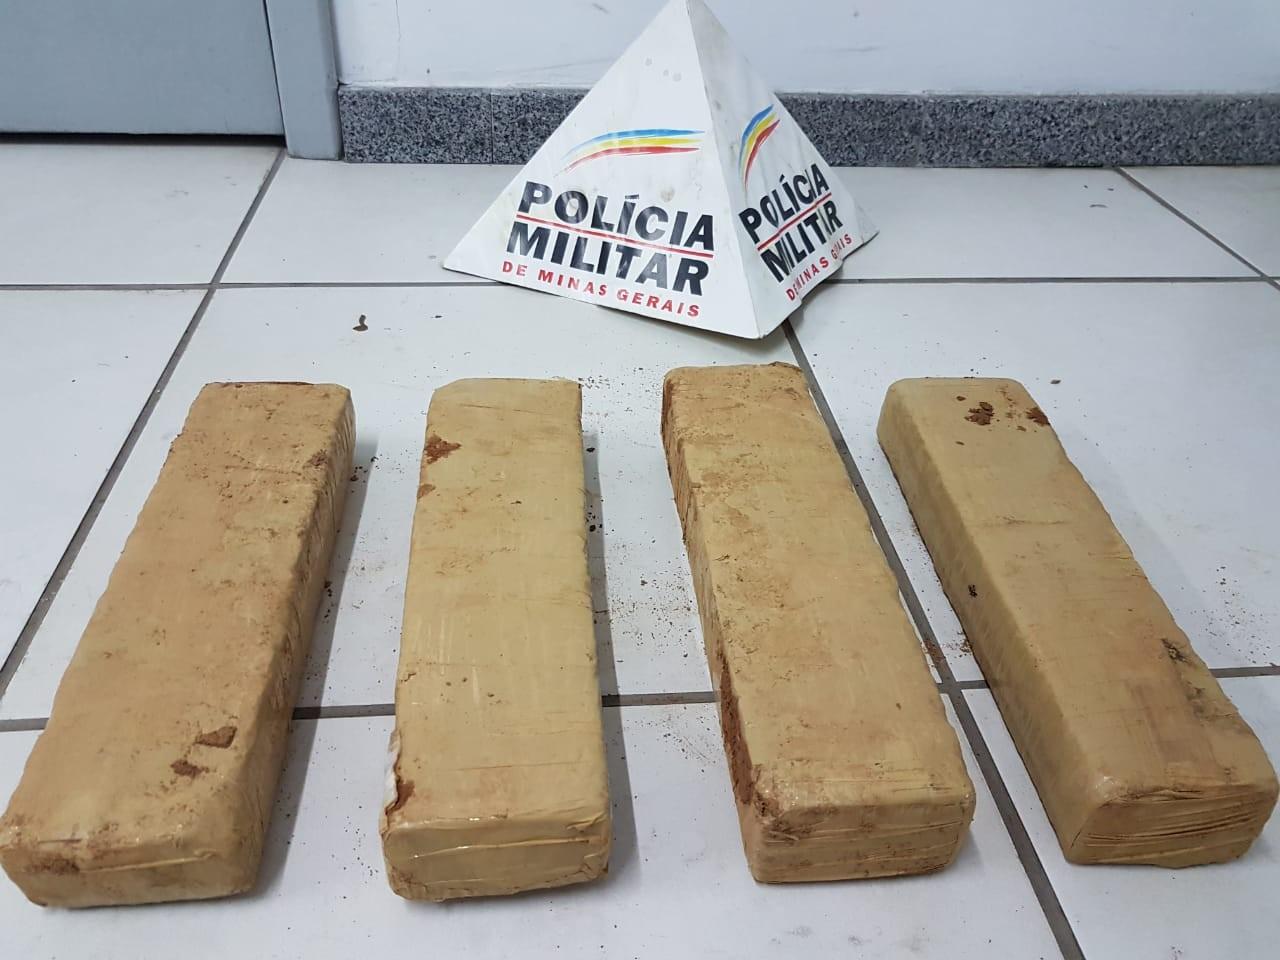 Polícia apreende drogas enterradas nos fundos de escola e duas pessoas são presas em Ipatinga - Noticias